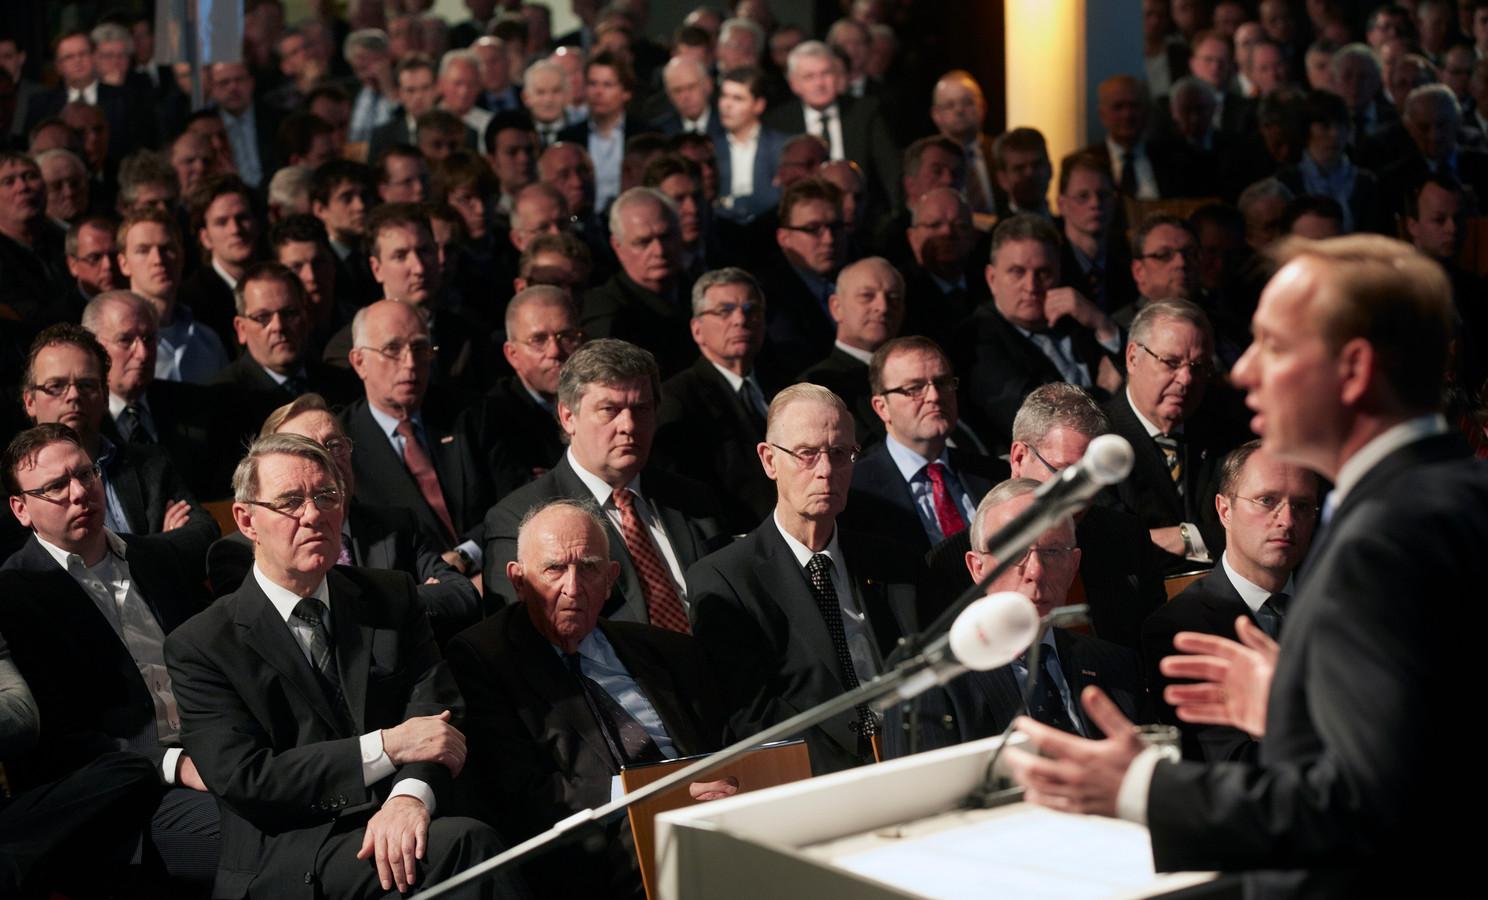 Vrouwen zijn nog een zeldzaamheid op de SGP-partijdagen.